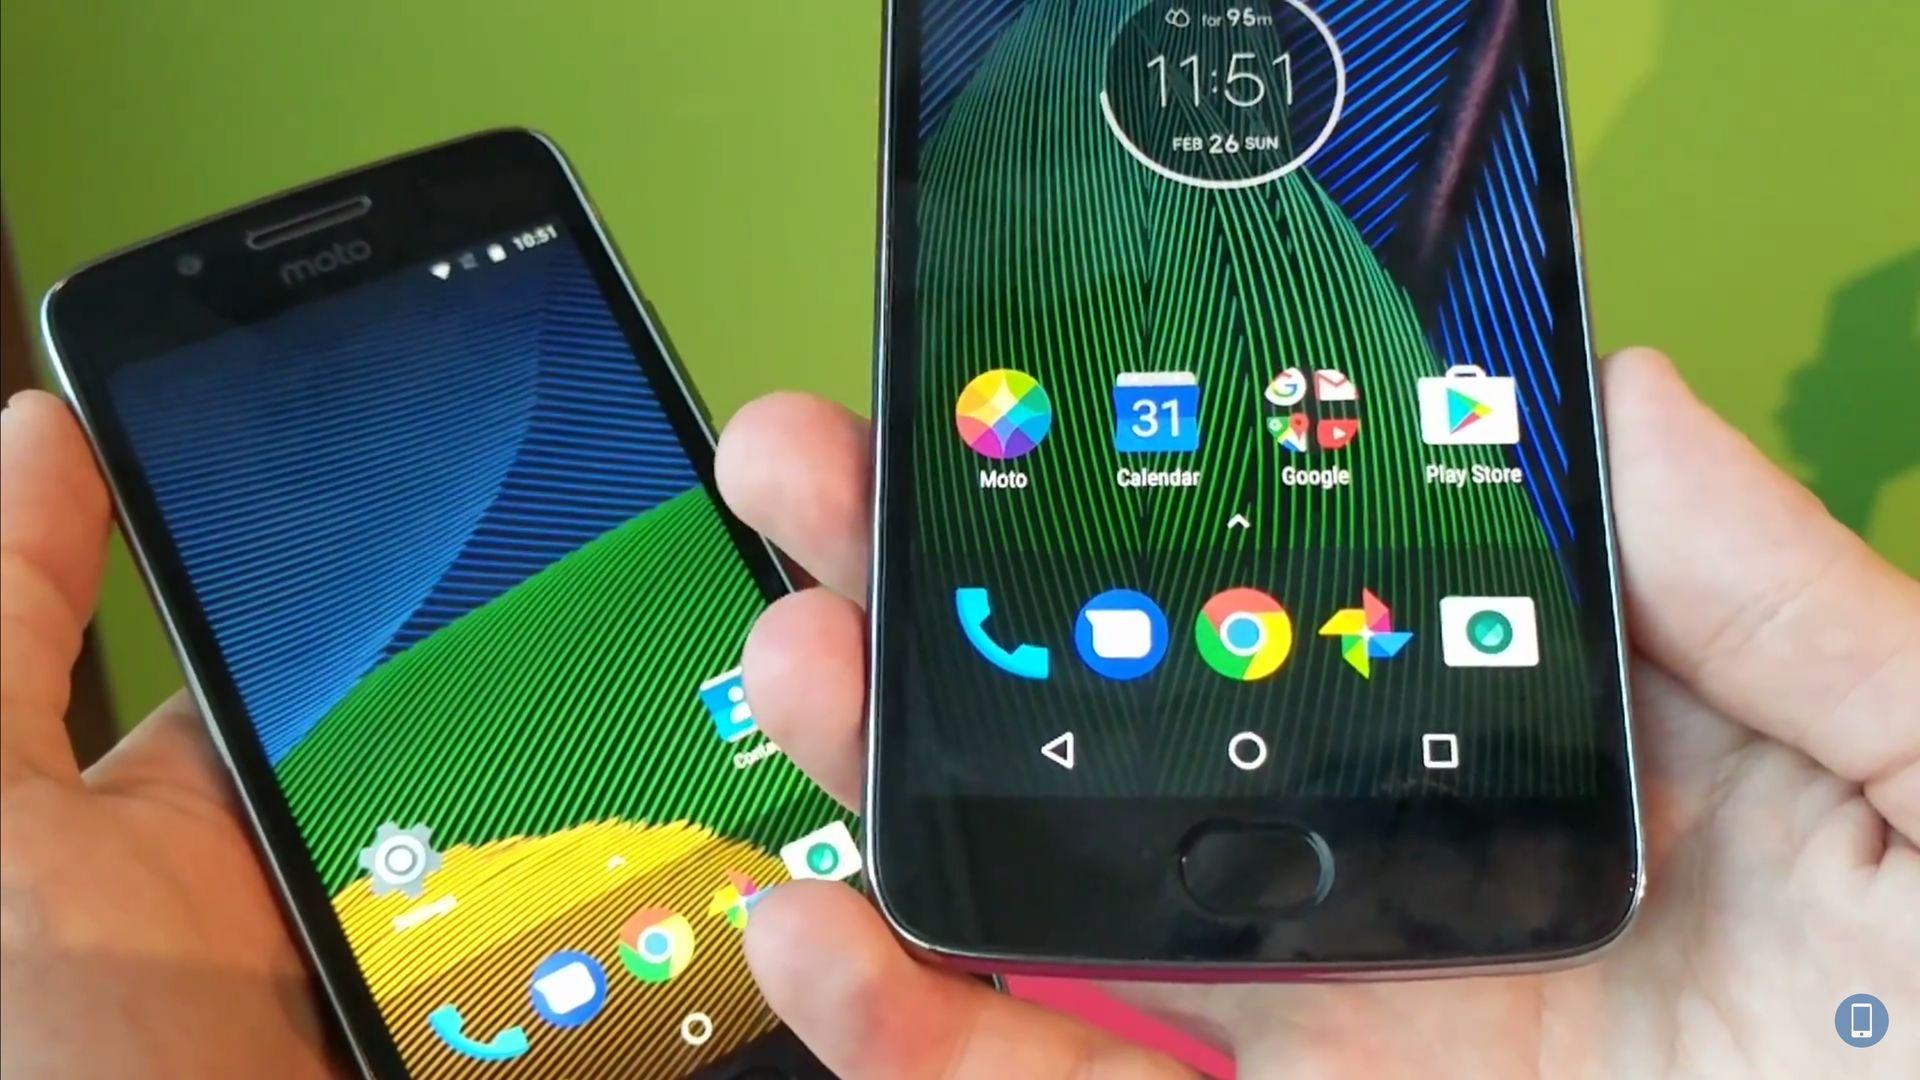 Первые впечатления Moto G5 и G5 Plus # MWC17